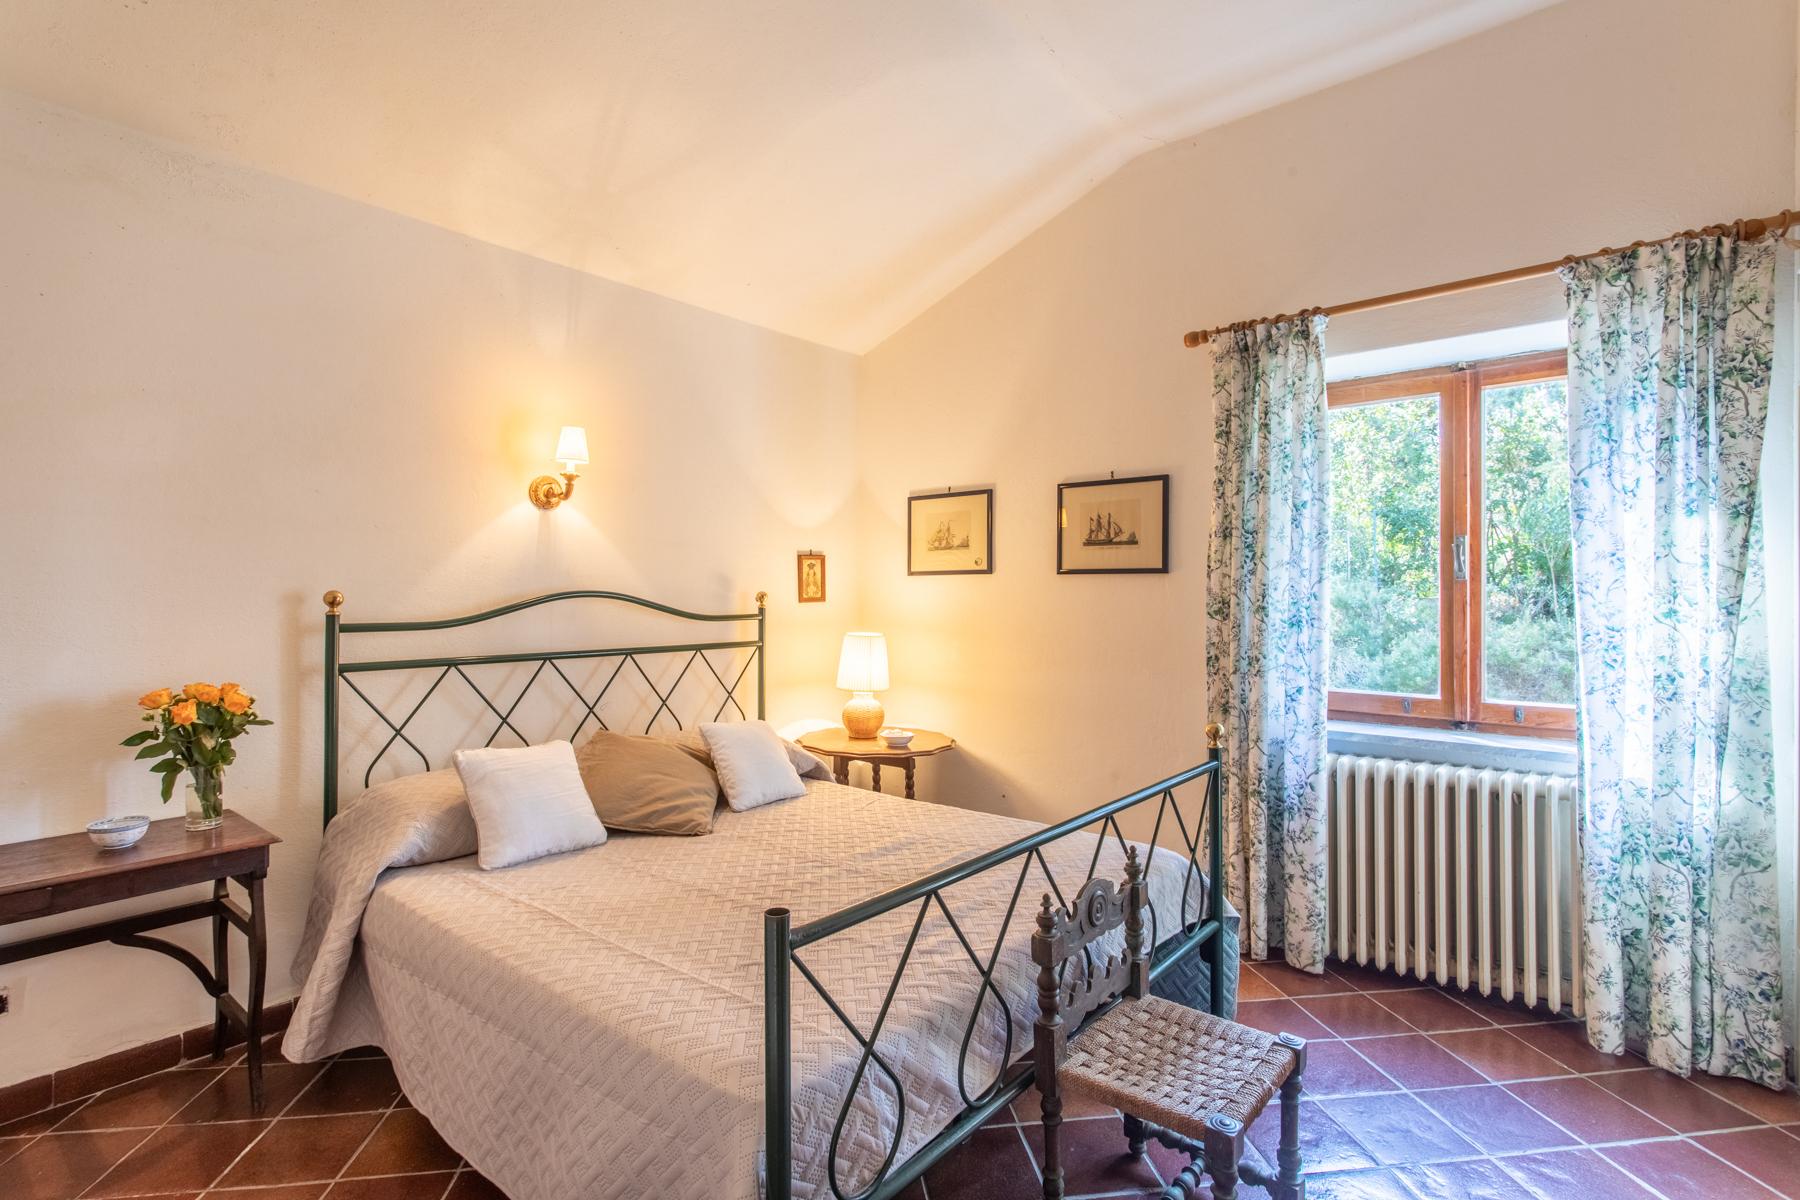 Villa in Vendita a Orbetello: 5 locali, 240 mq - Foto 23